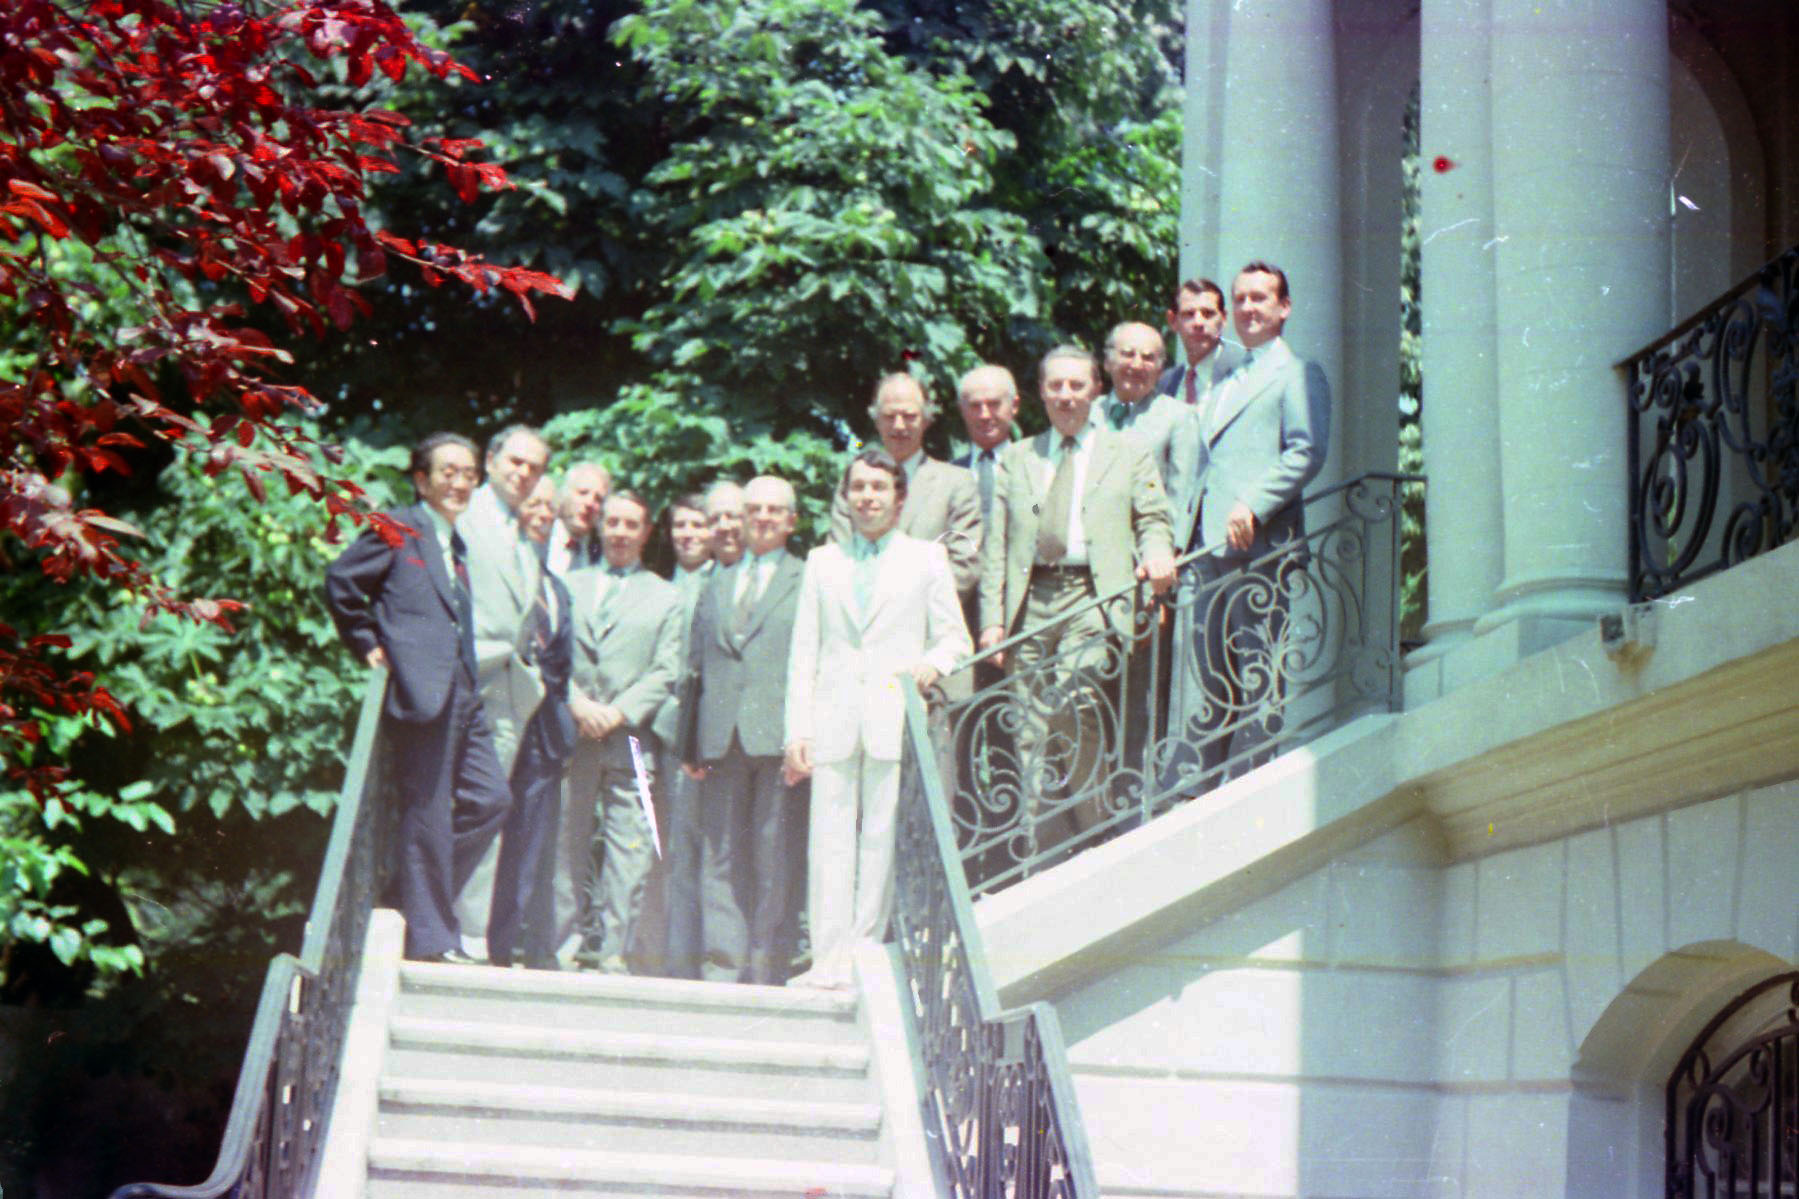 Foto 1- 20.07.1979 - Reuniunea Comitetului de Conservare a energiei